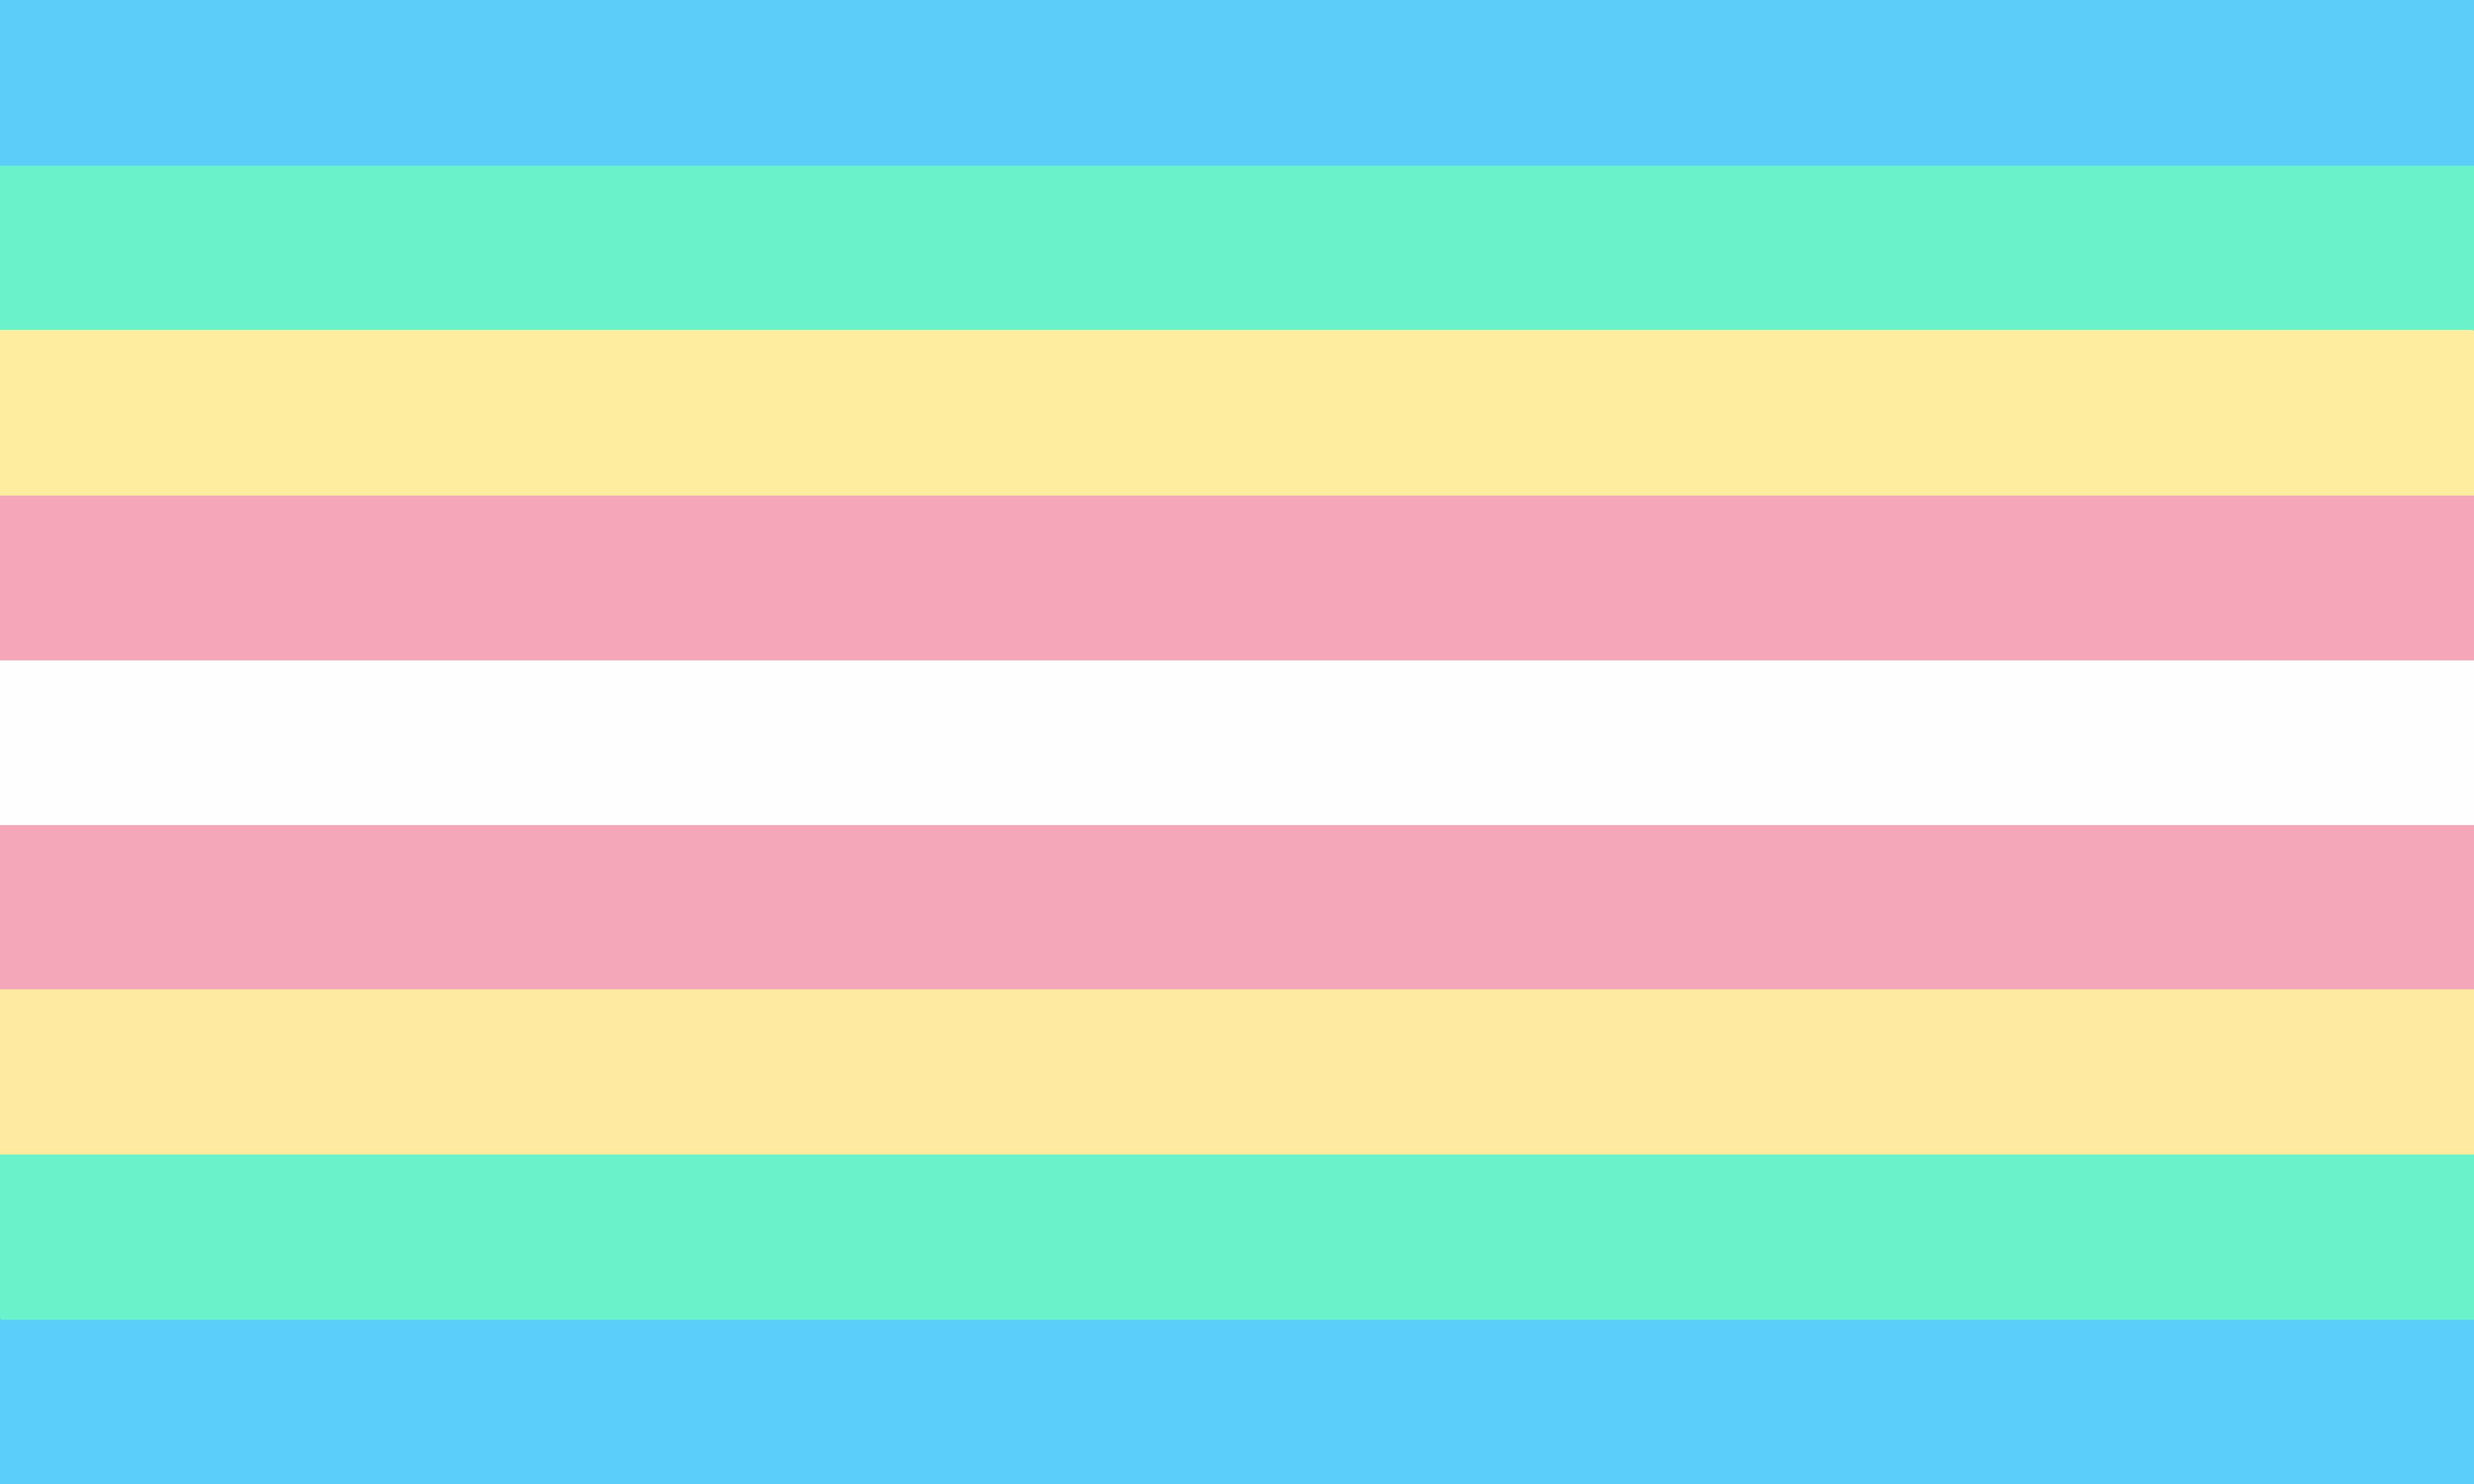 Neopronoun Trans